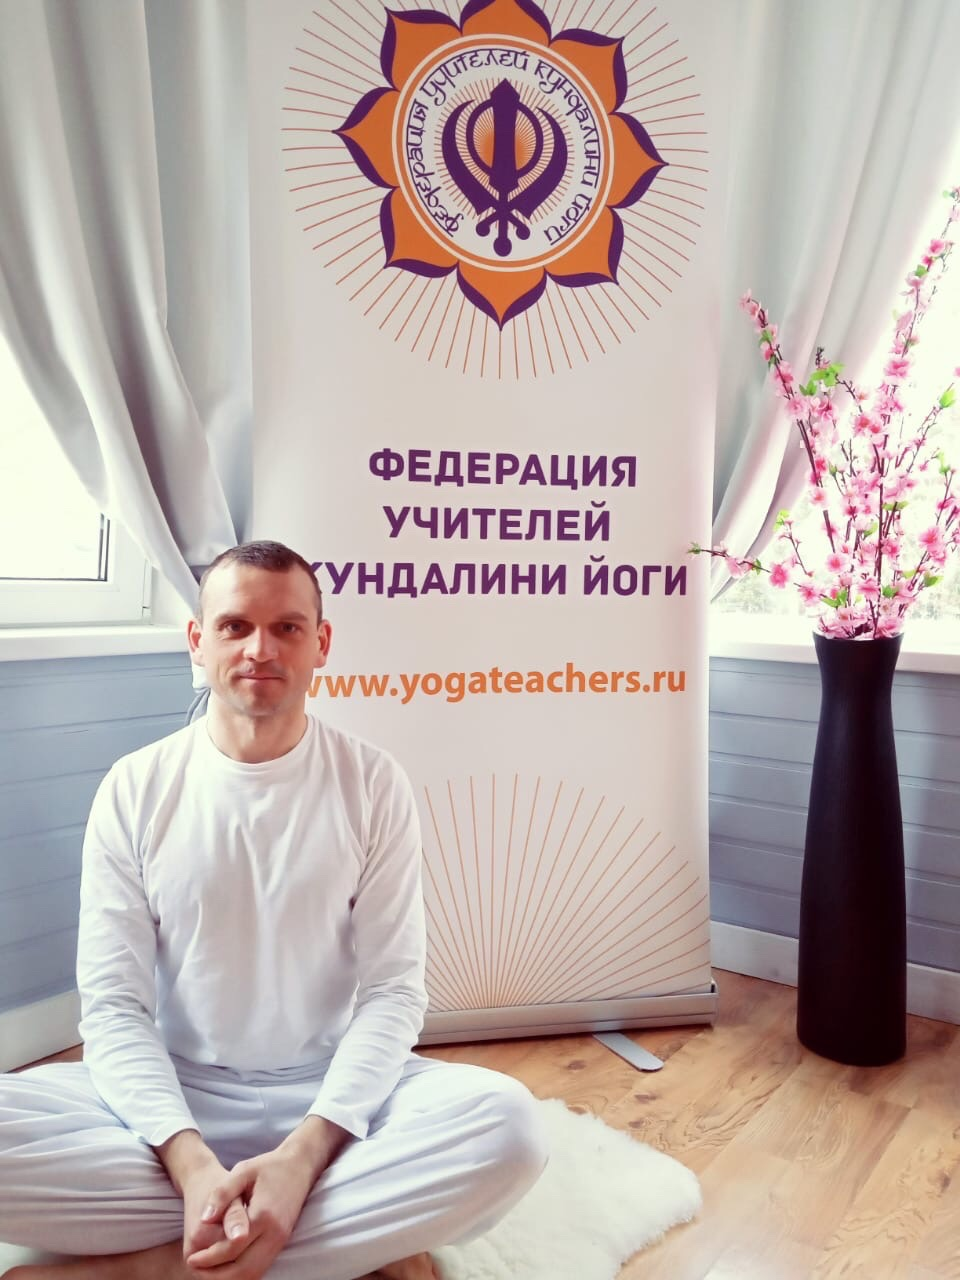 Павел Езерский